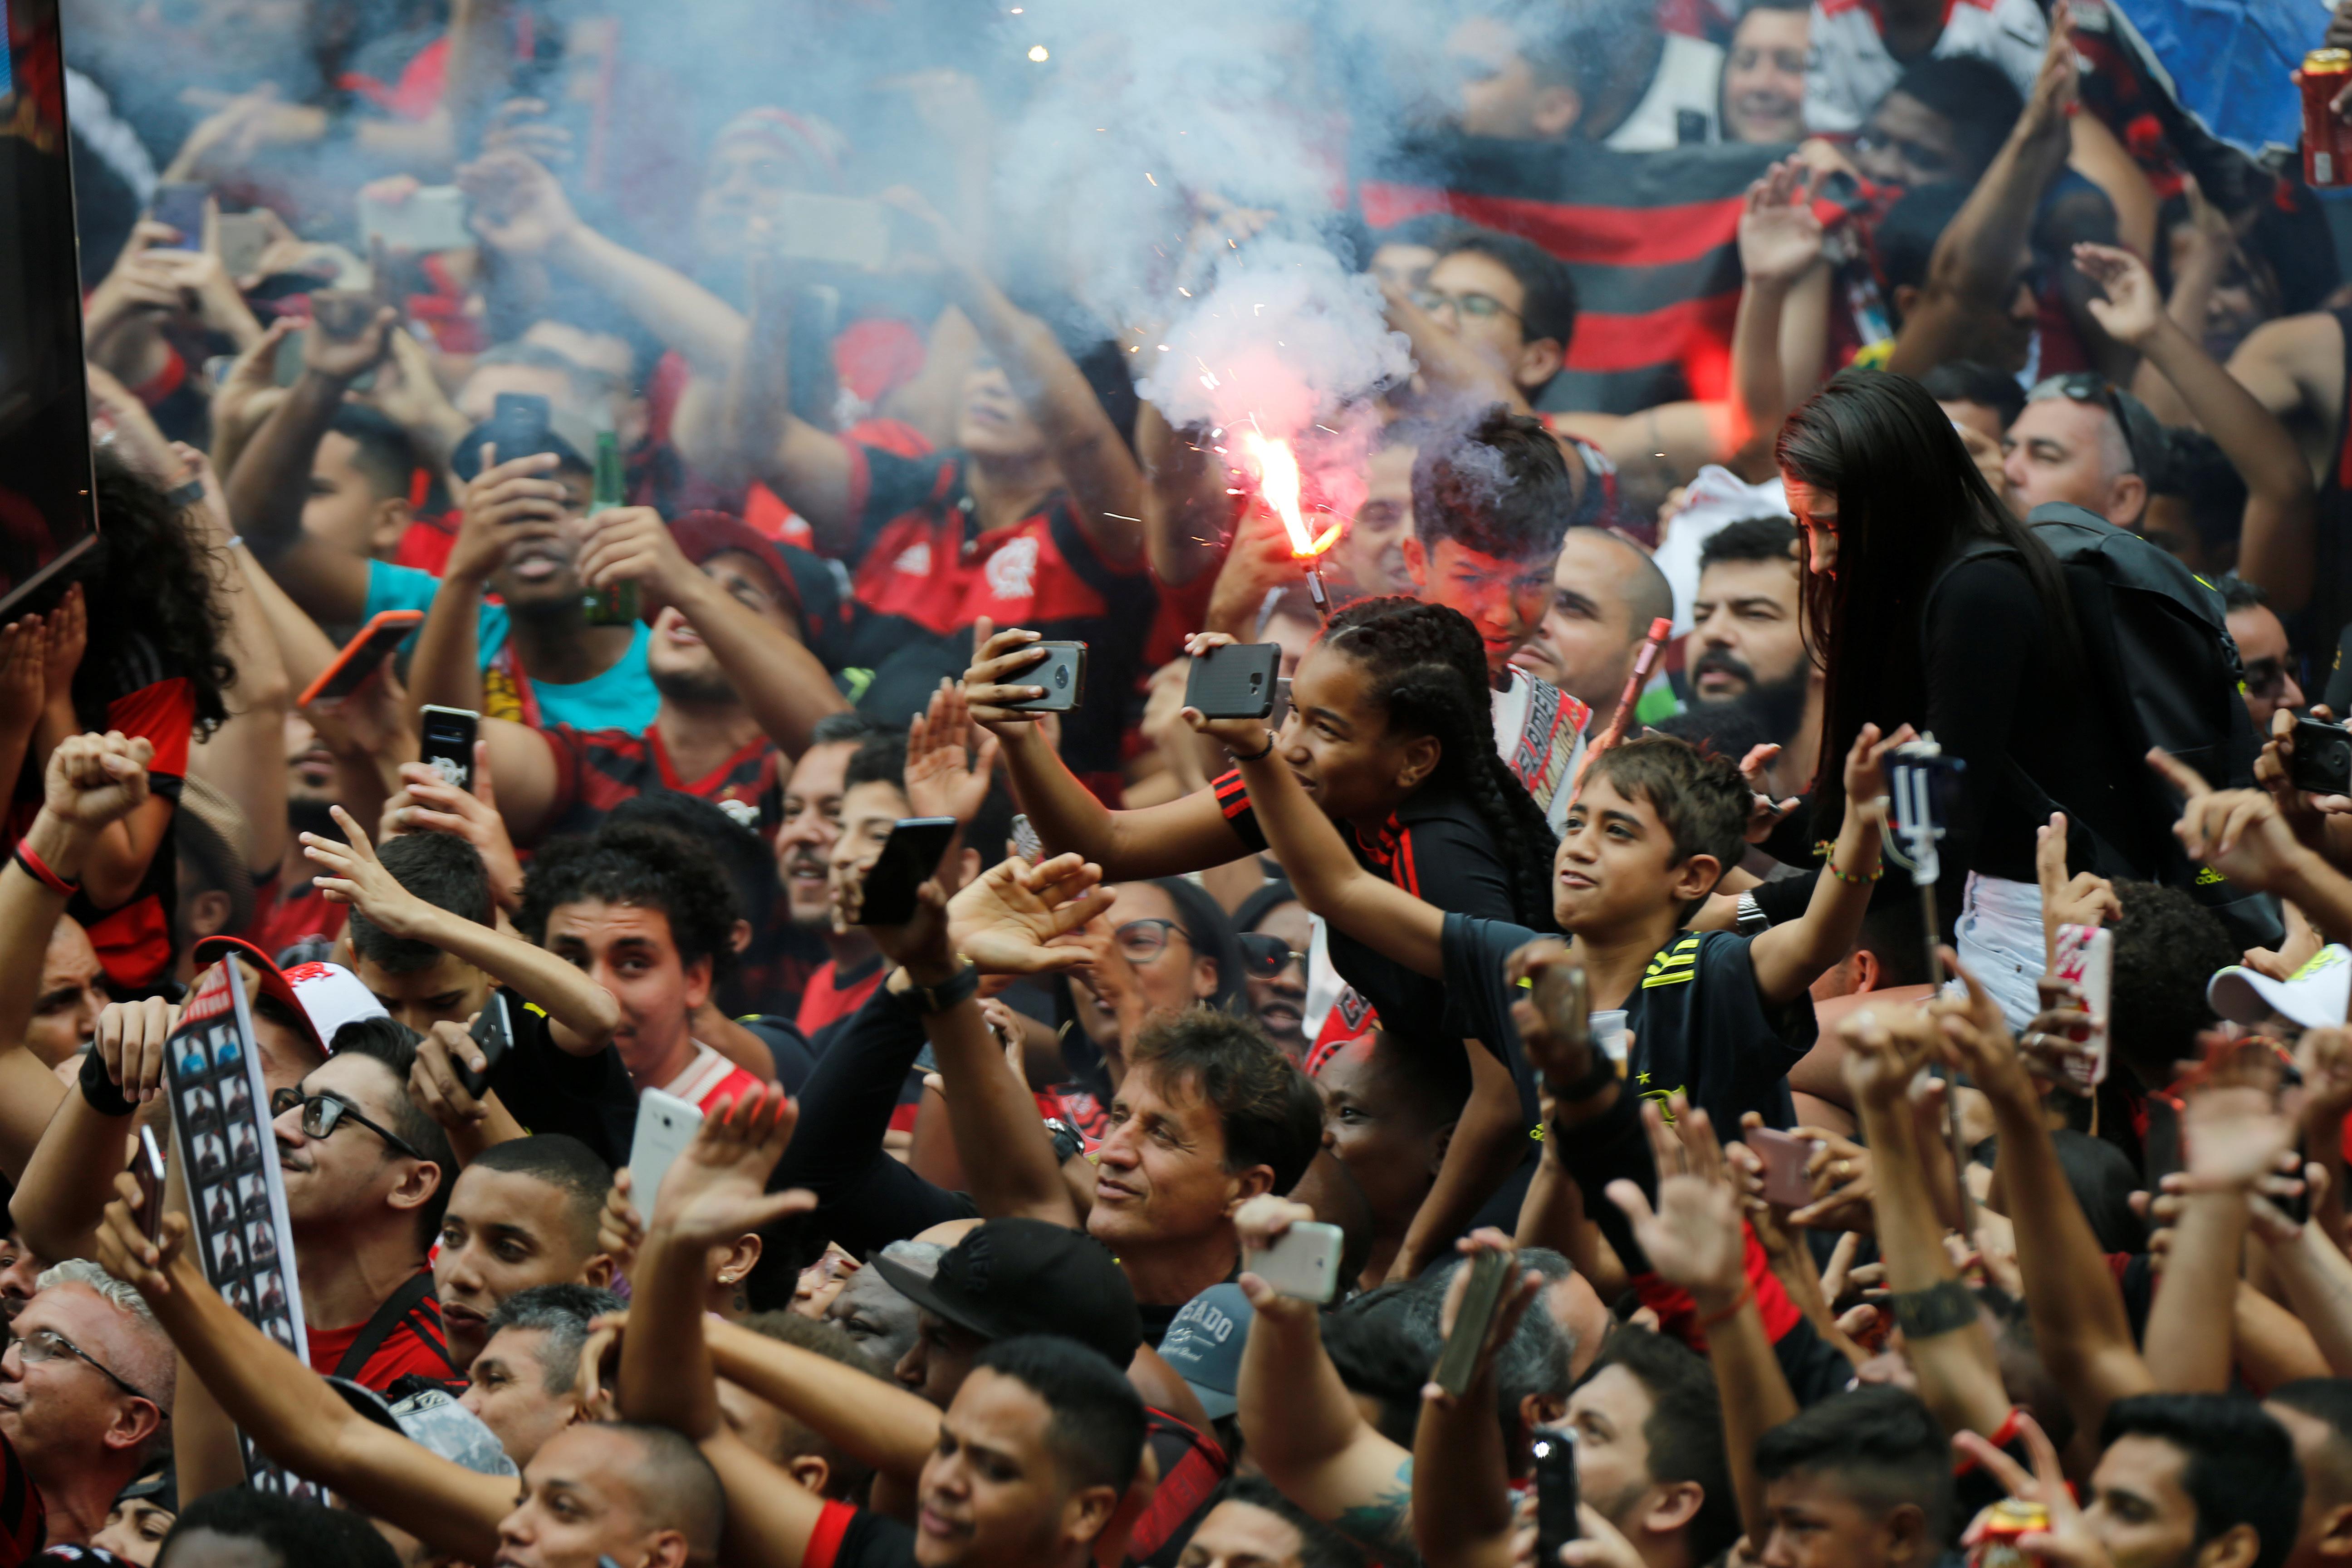 Los hinchas desplegaron banderas y lanzaron fuegos artificiales mientras los campeones de la Copa Libertadores recorrían las calles de la ciudad en un autobús descapotable